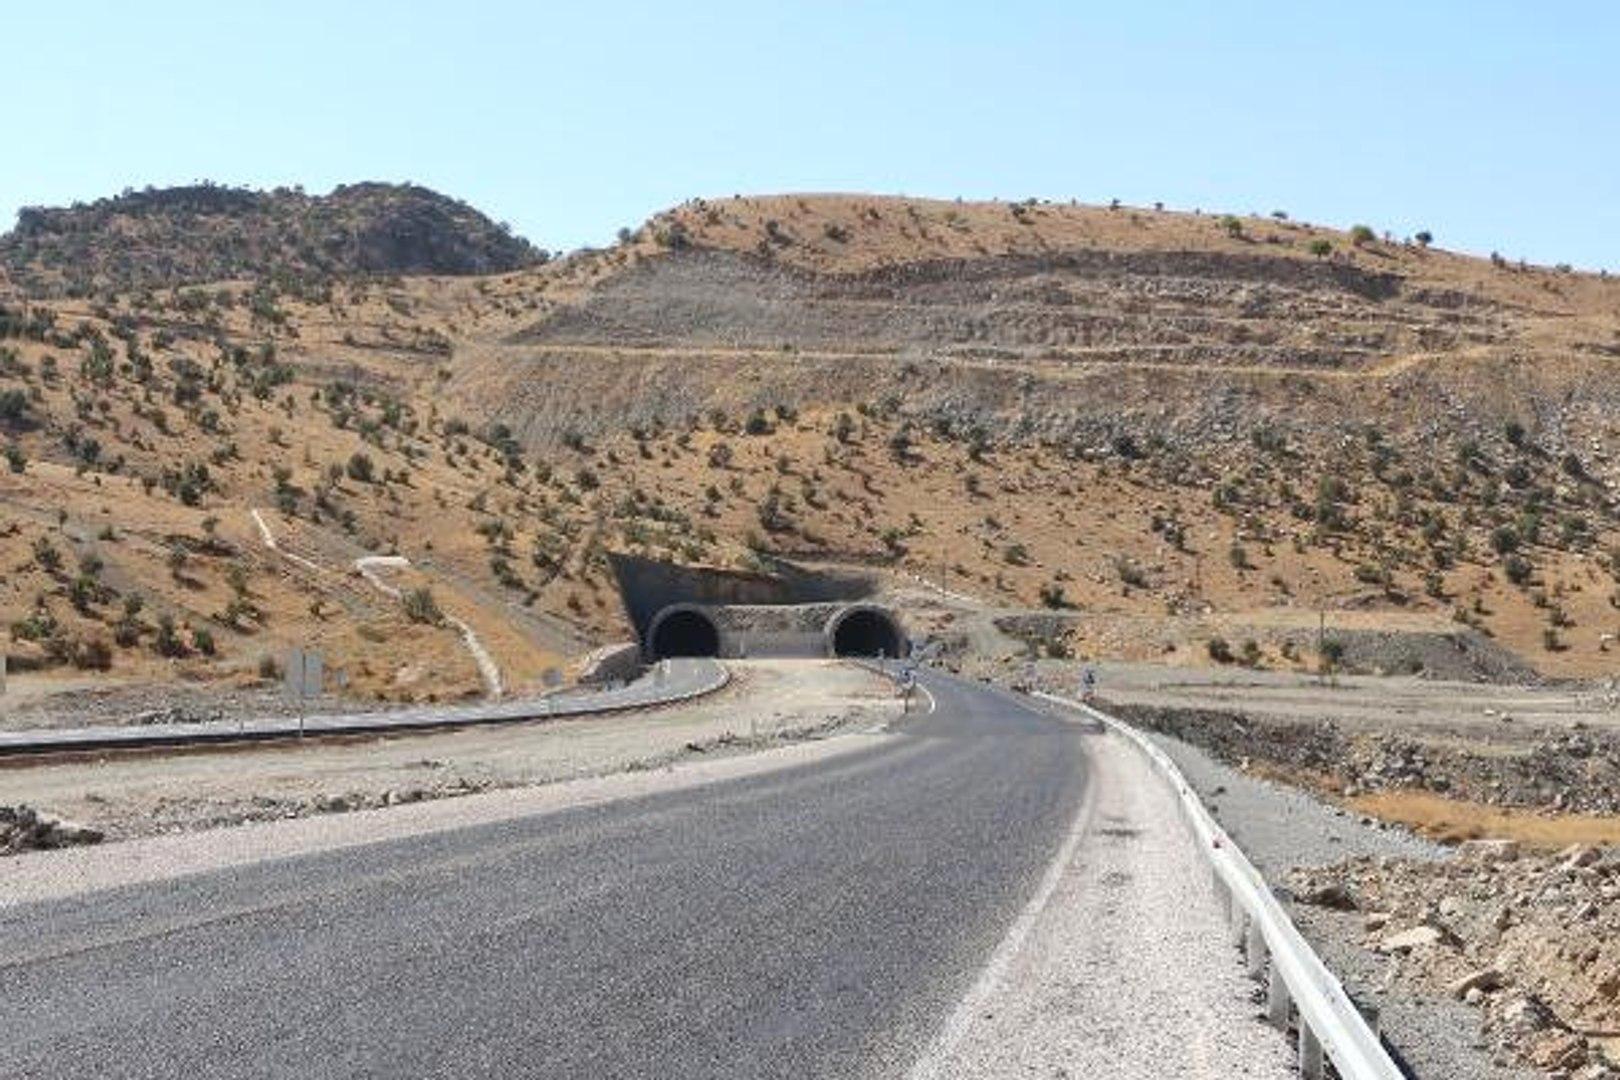 Cudi Dağı, 21 Yıllık Çalışma Sonucu Tünellerle Aşıldı